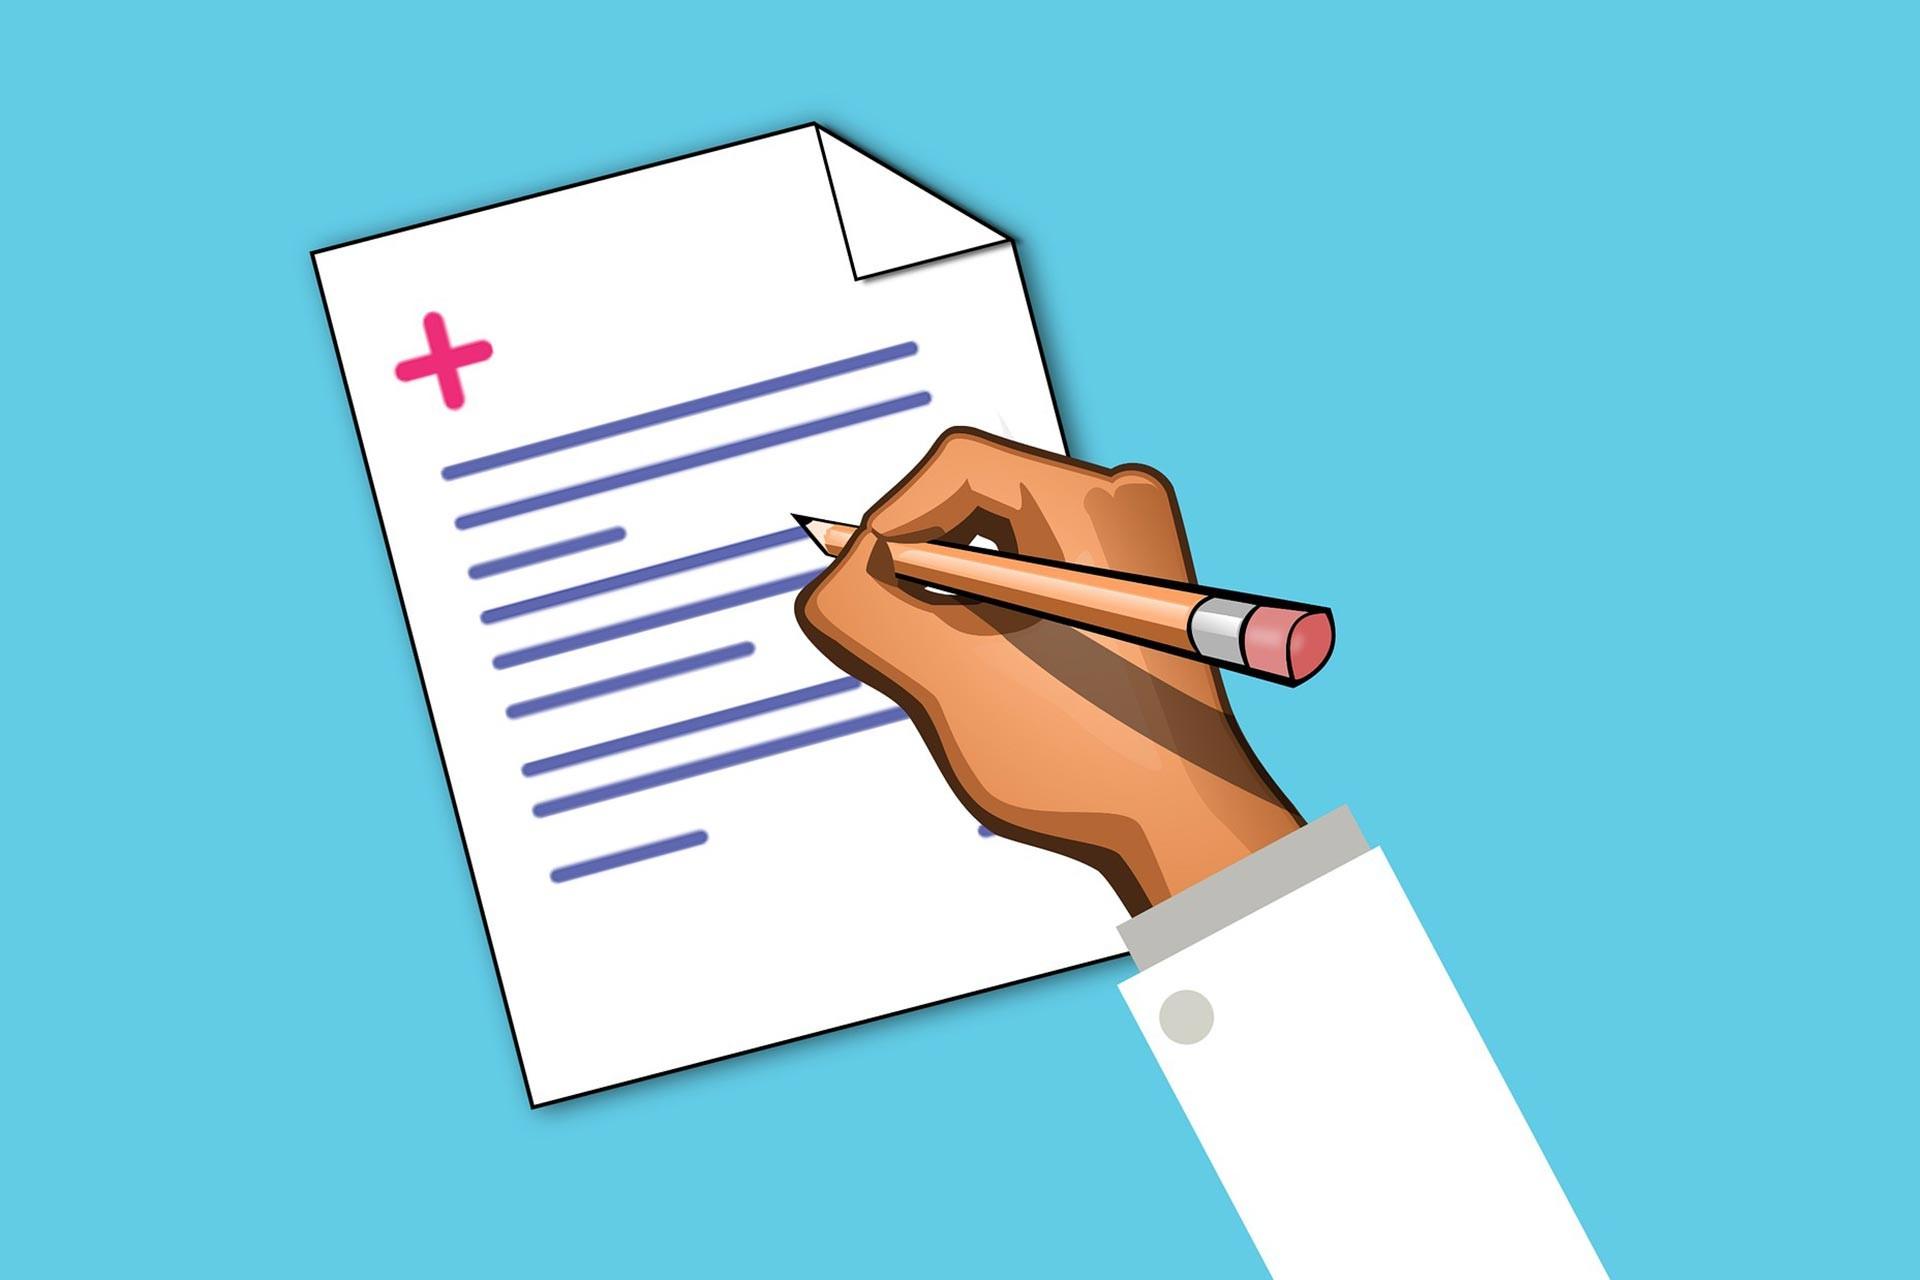 Sağlık raporu yazan hekimin elini gösteren animasyon.